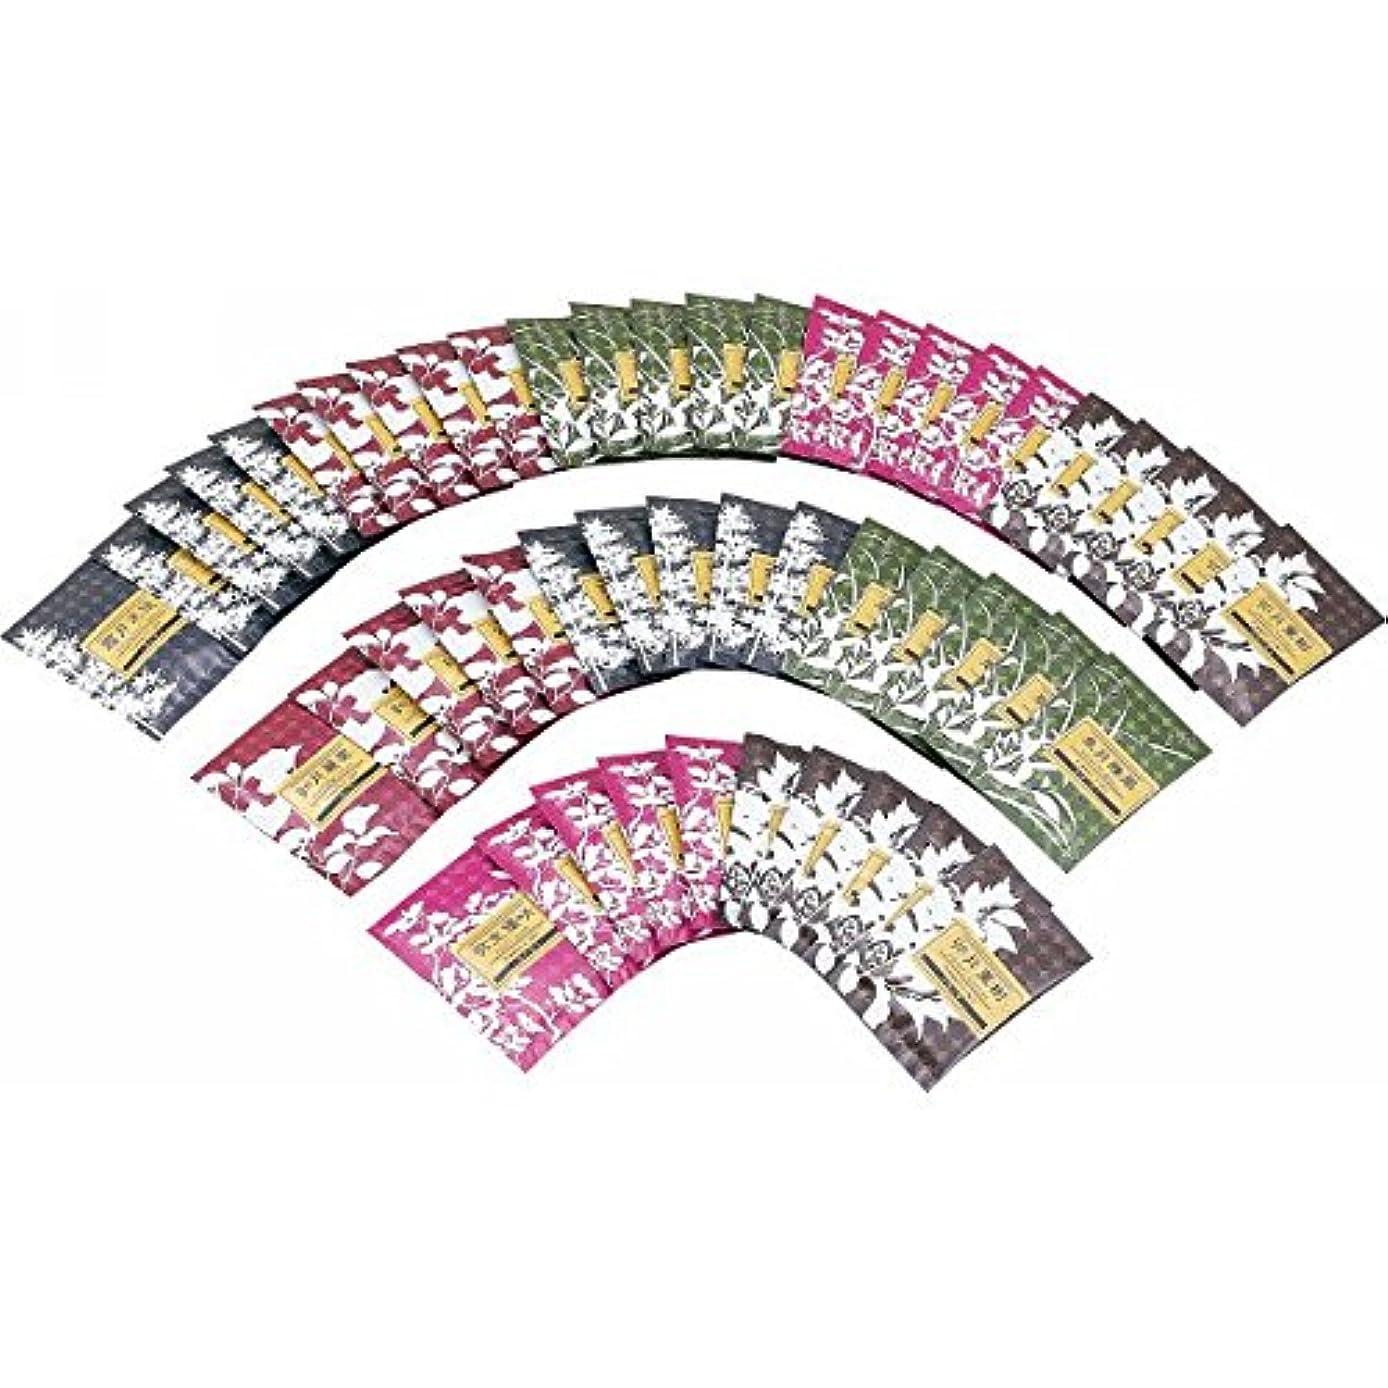 変成器ミルニコチンnobrand 薬用入浴剤 綺羅の刻50P 入浴剤 (KRA-50P)